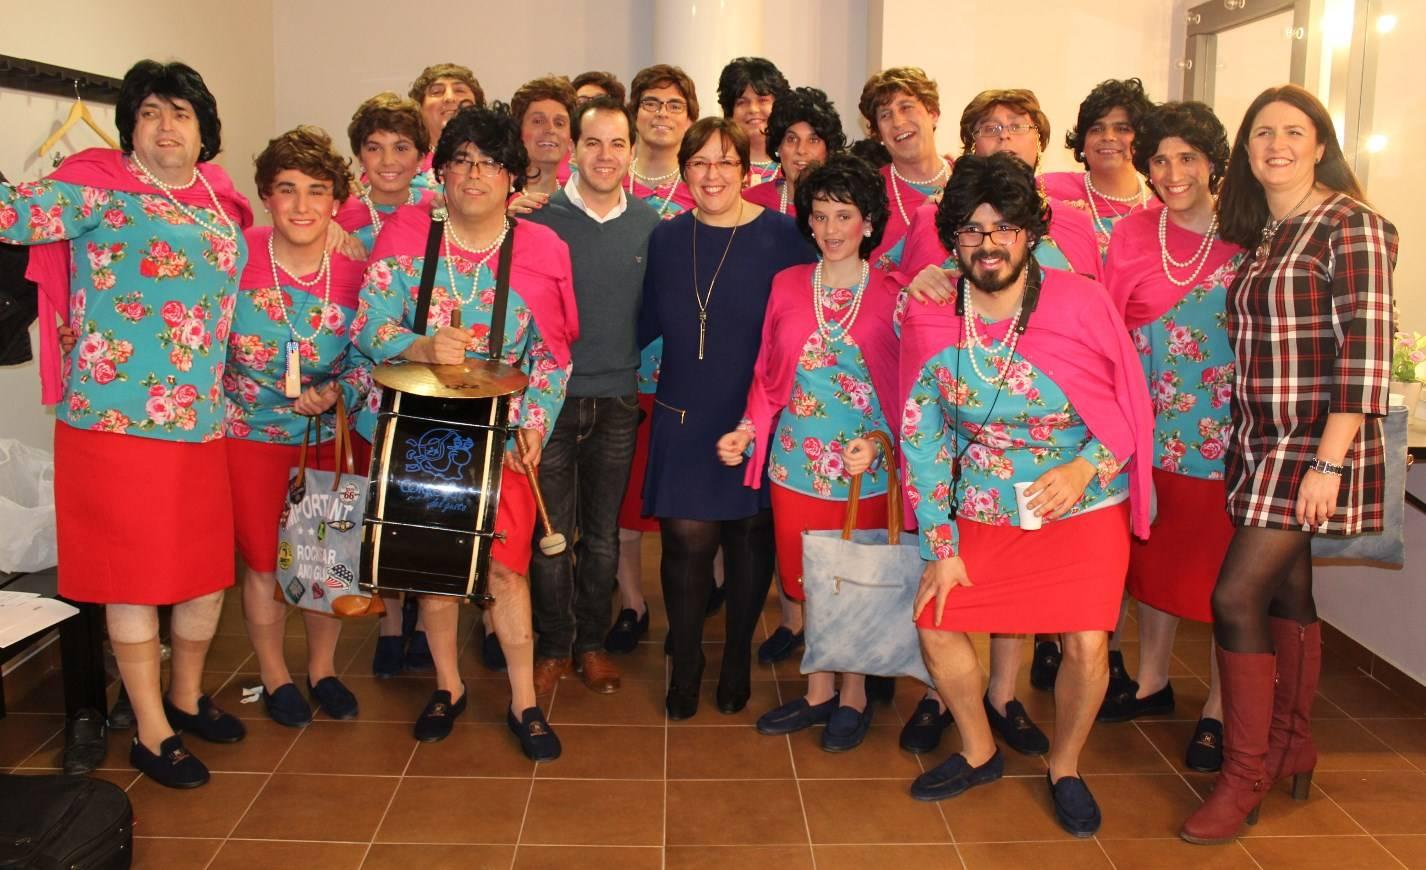 Carmen Olmedo Carnaval de Herencia Pelendengues 1 - Junta y Ayuntamiento de Herencia intensifican el trabajo para que el carnaval sea declarado de Interés Turístico Nacional